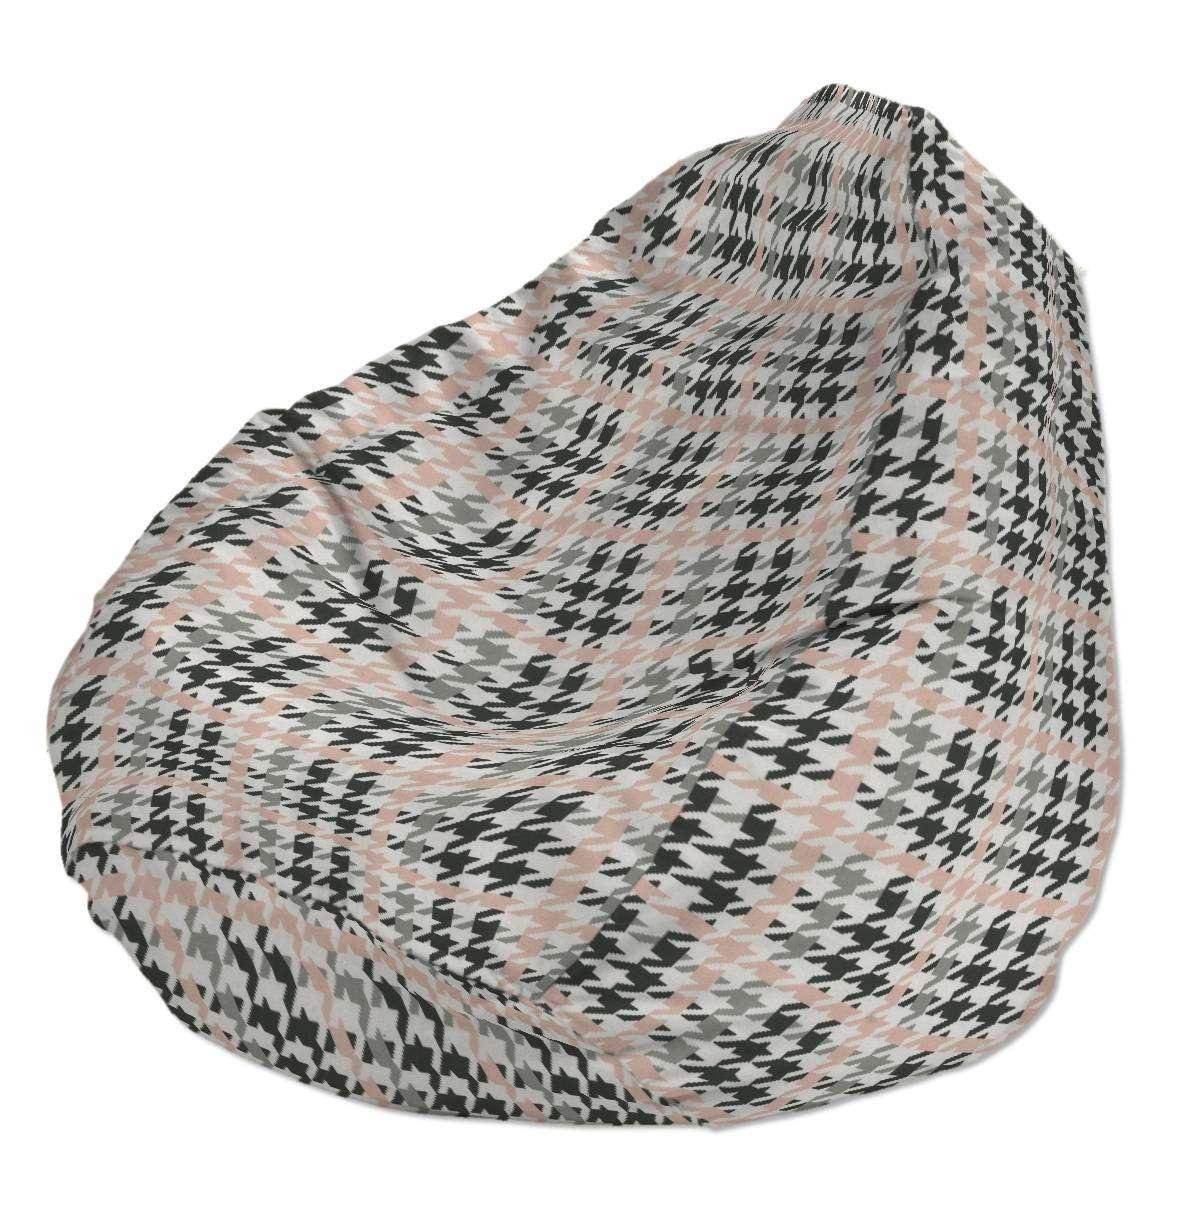 Pokrowiec na worek do siedzenia pokrowiec Ø50x85cm w kolekcji Brooklyn, tkanina: 137-75